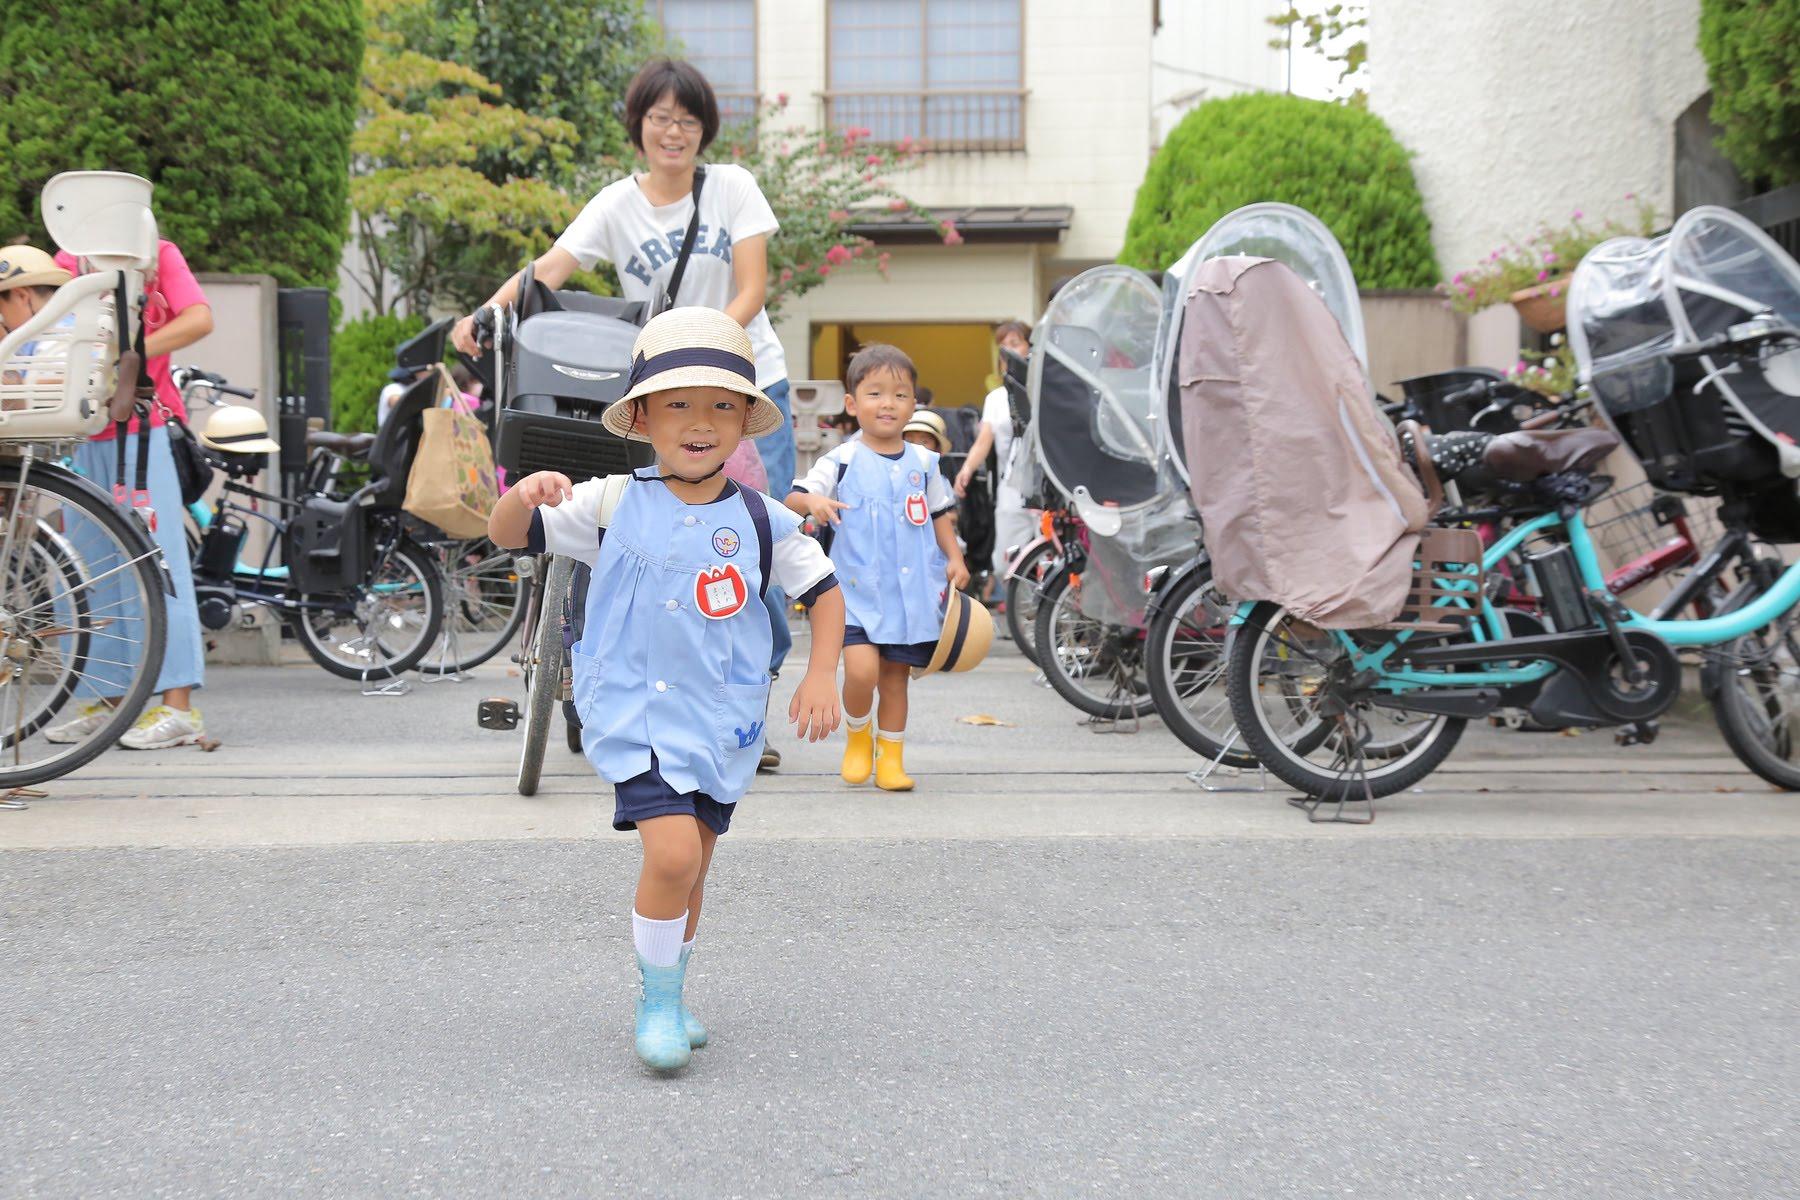 徒歩(自転車)通園